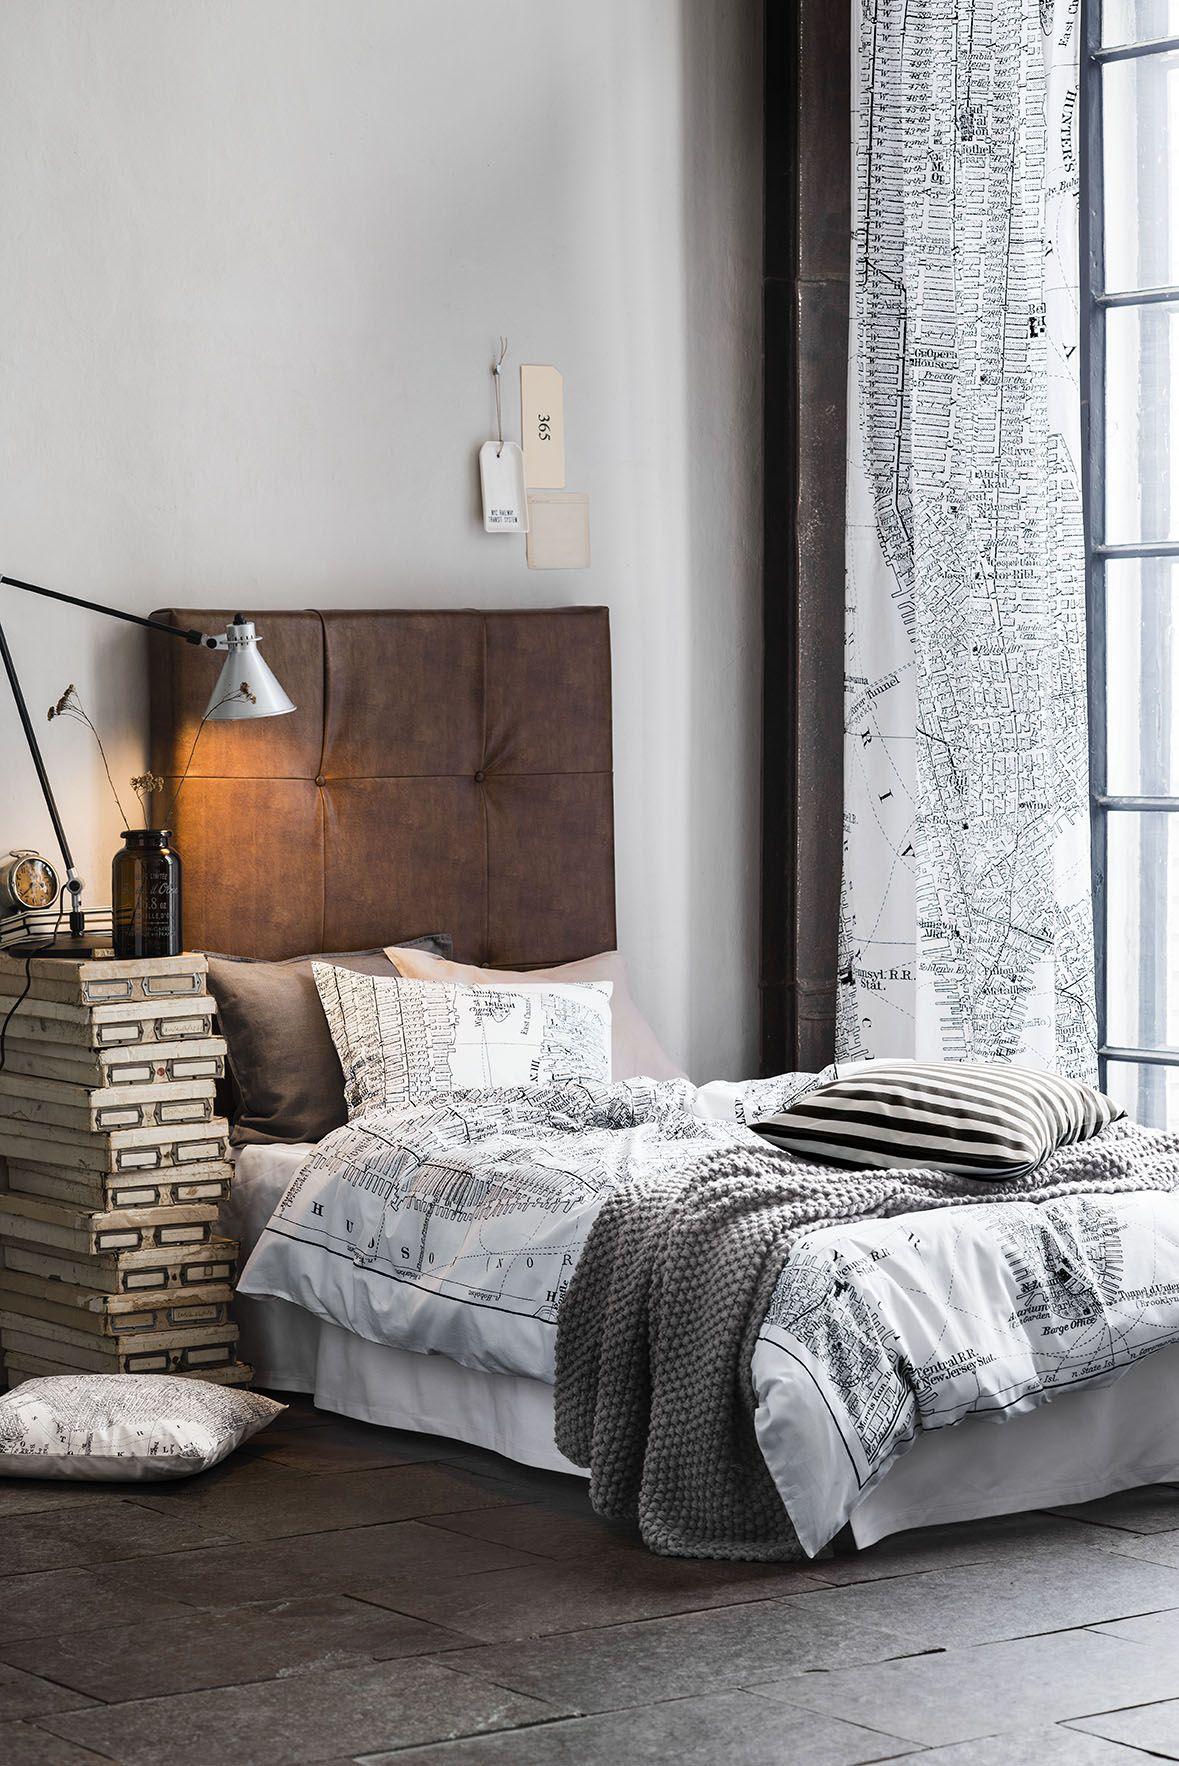 Ein weiteres wunderschönes Schlafzimmer mit viel Licht und Gemütlichkeit.